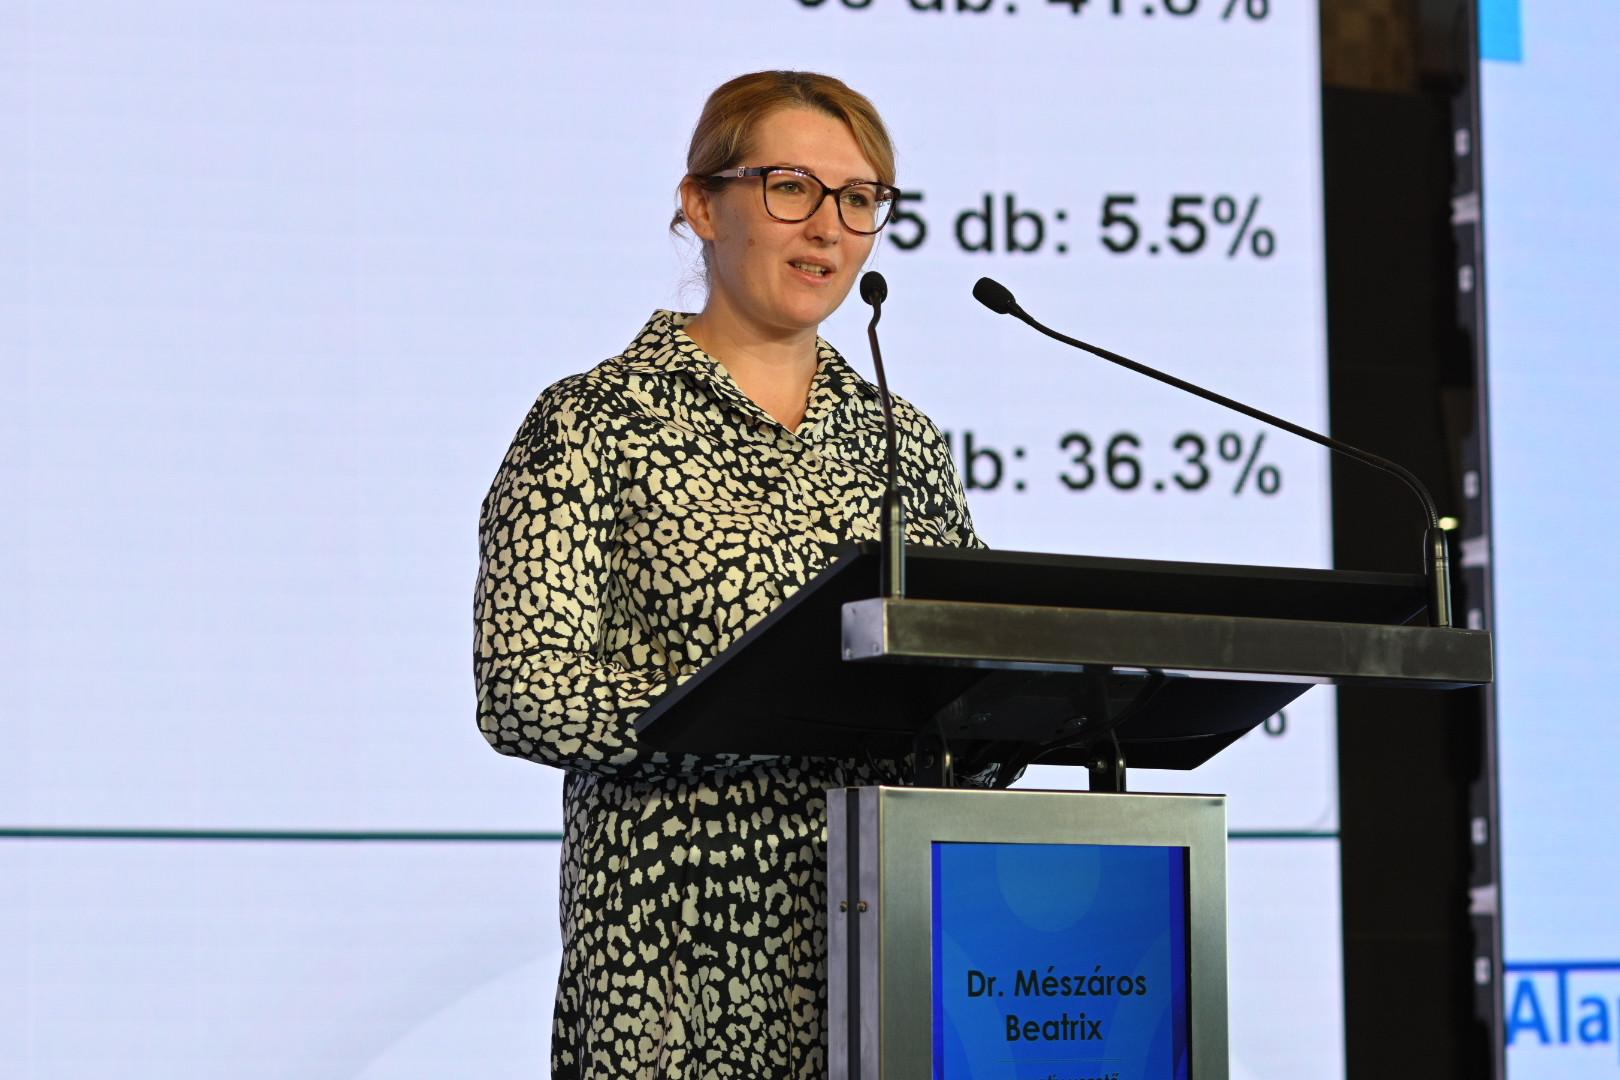 Mészáros Beatrix, a Mészáros csoport operatív vezetője beszédet mond a Mészáros Alapítvány V. konferenciáján